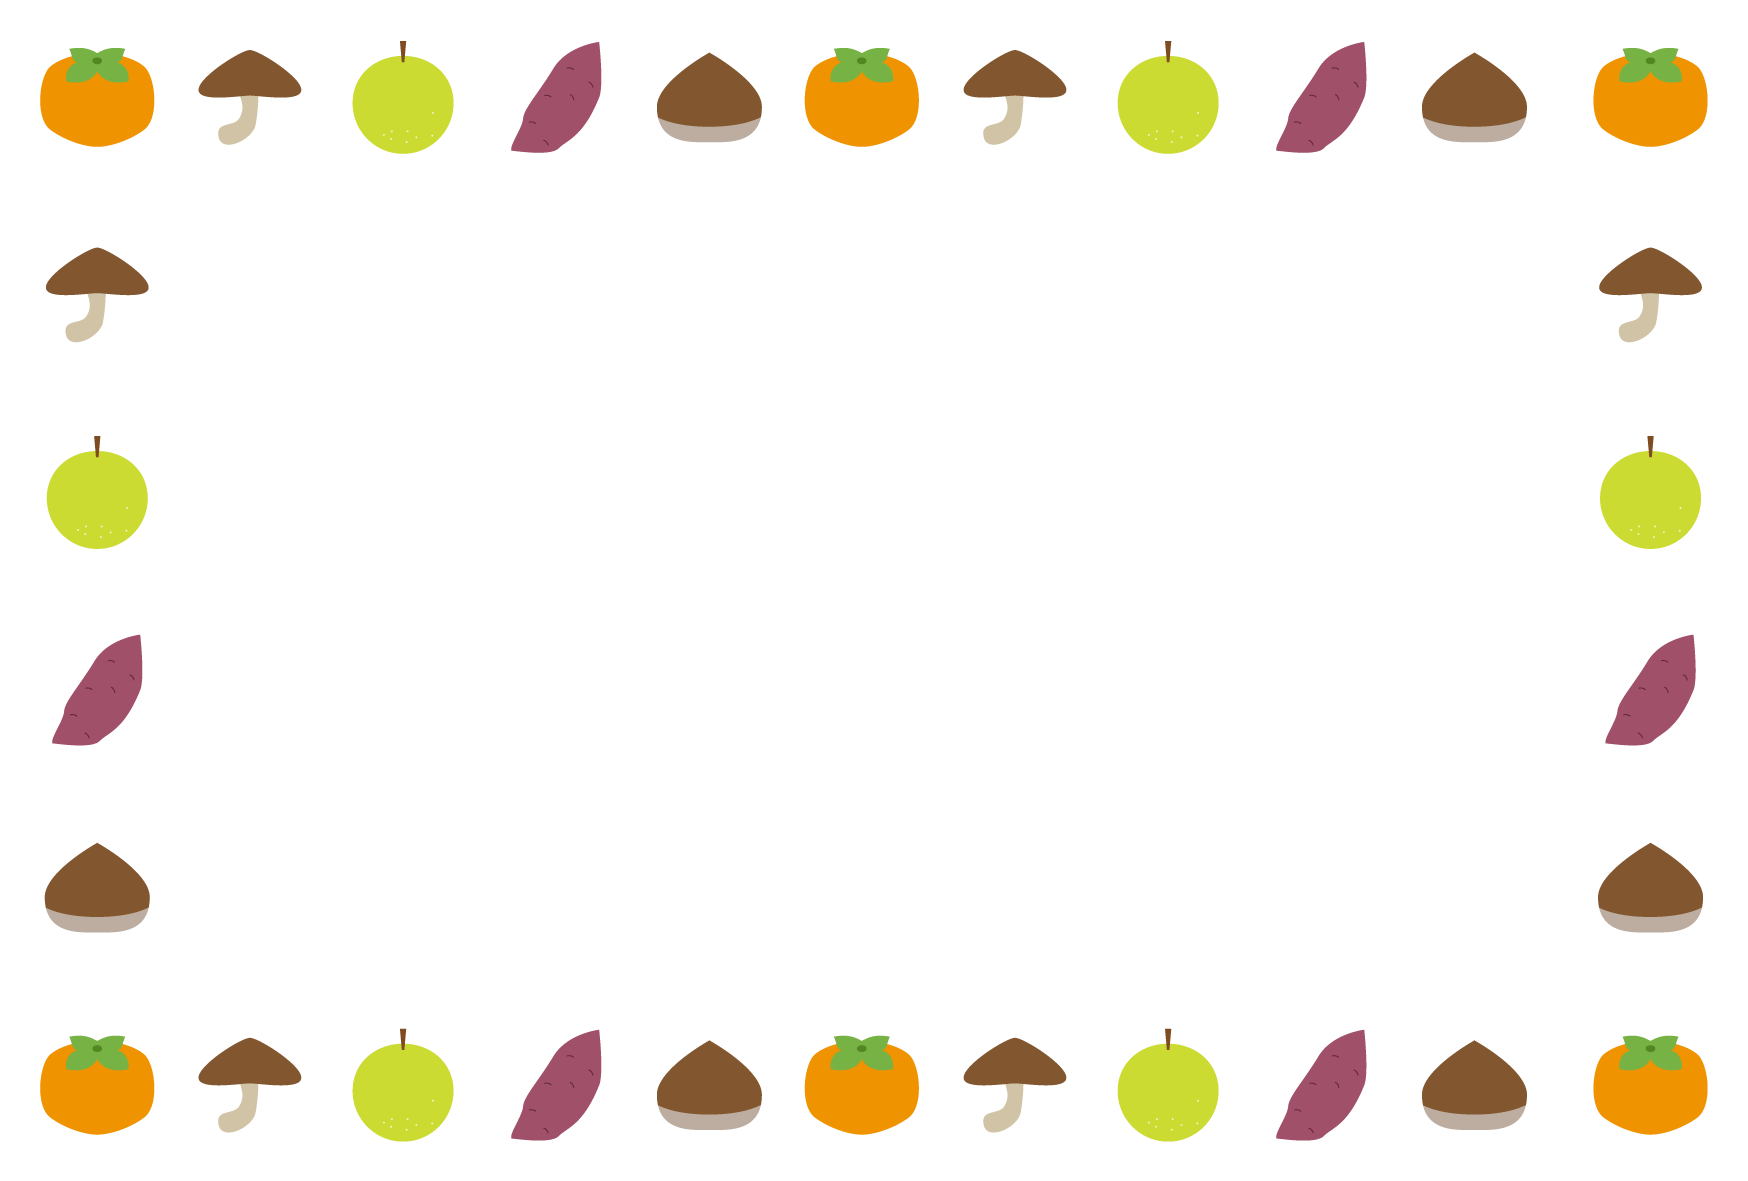 秋(食材)シンプル枠イラスト-横 <無料> | イラストk